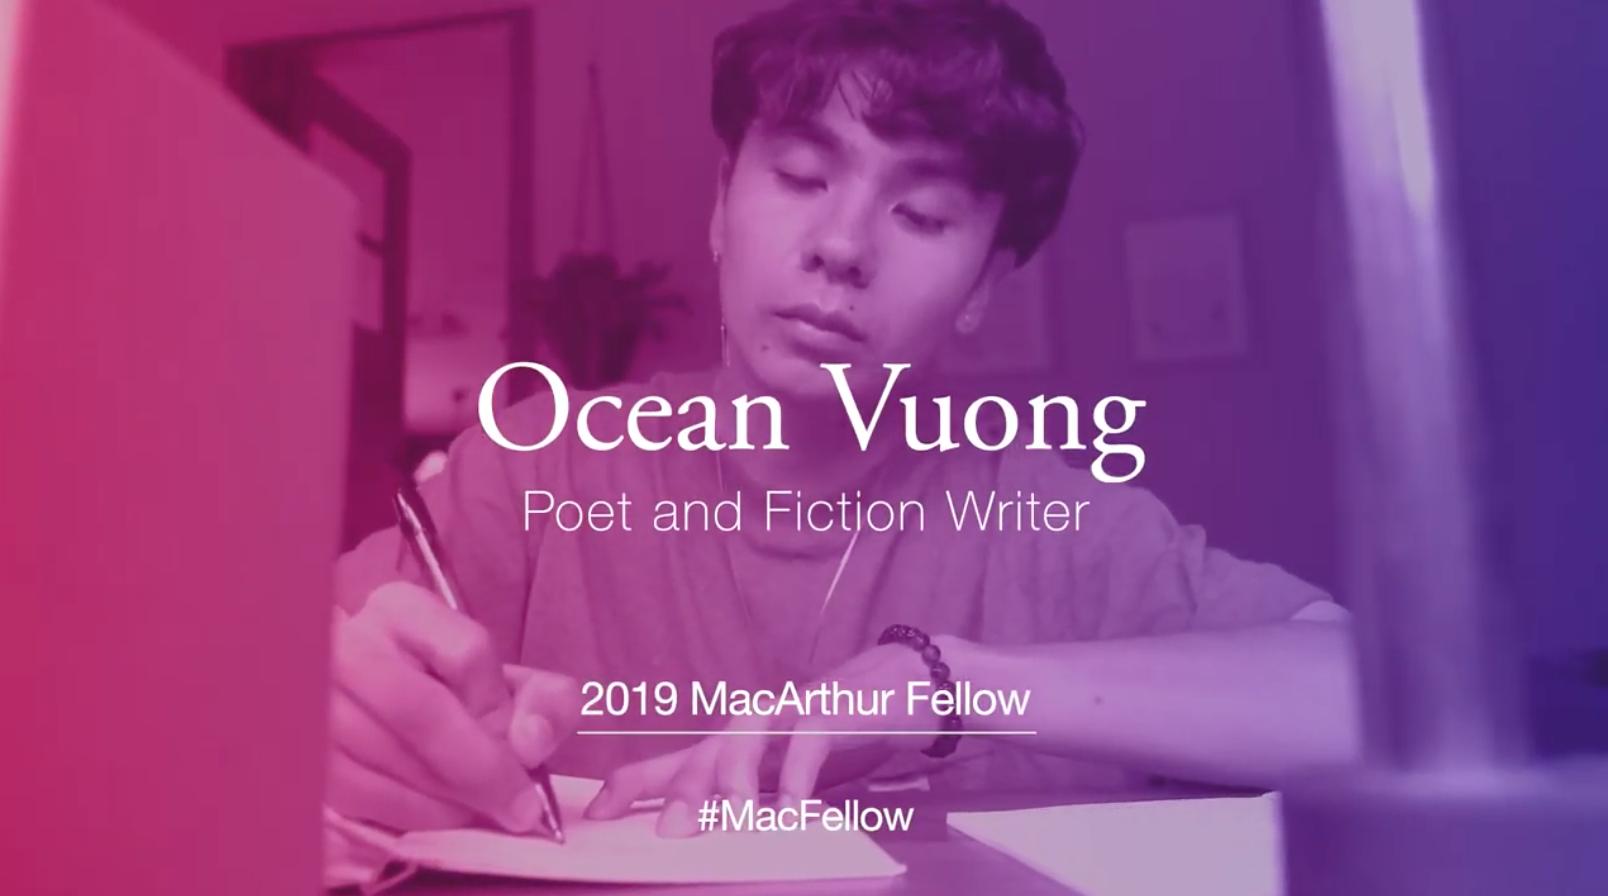 Anh Ocean Vương đạt giải thưởng Văn học Mark Twain American Voice